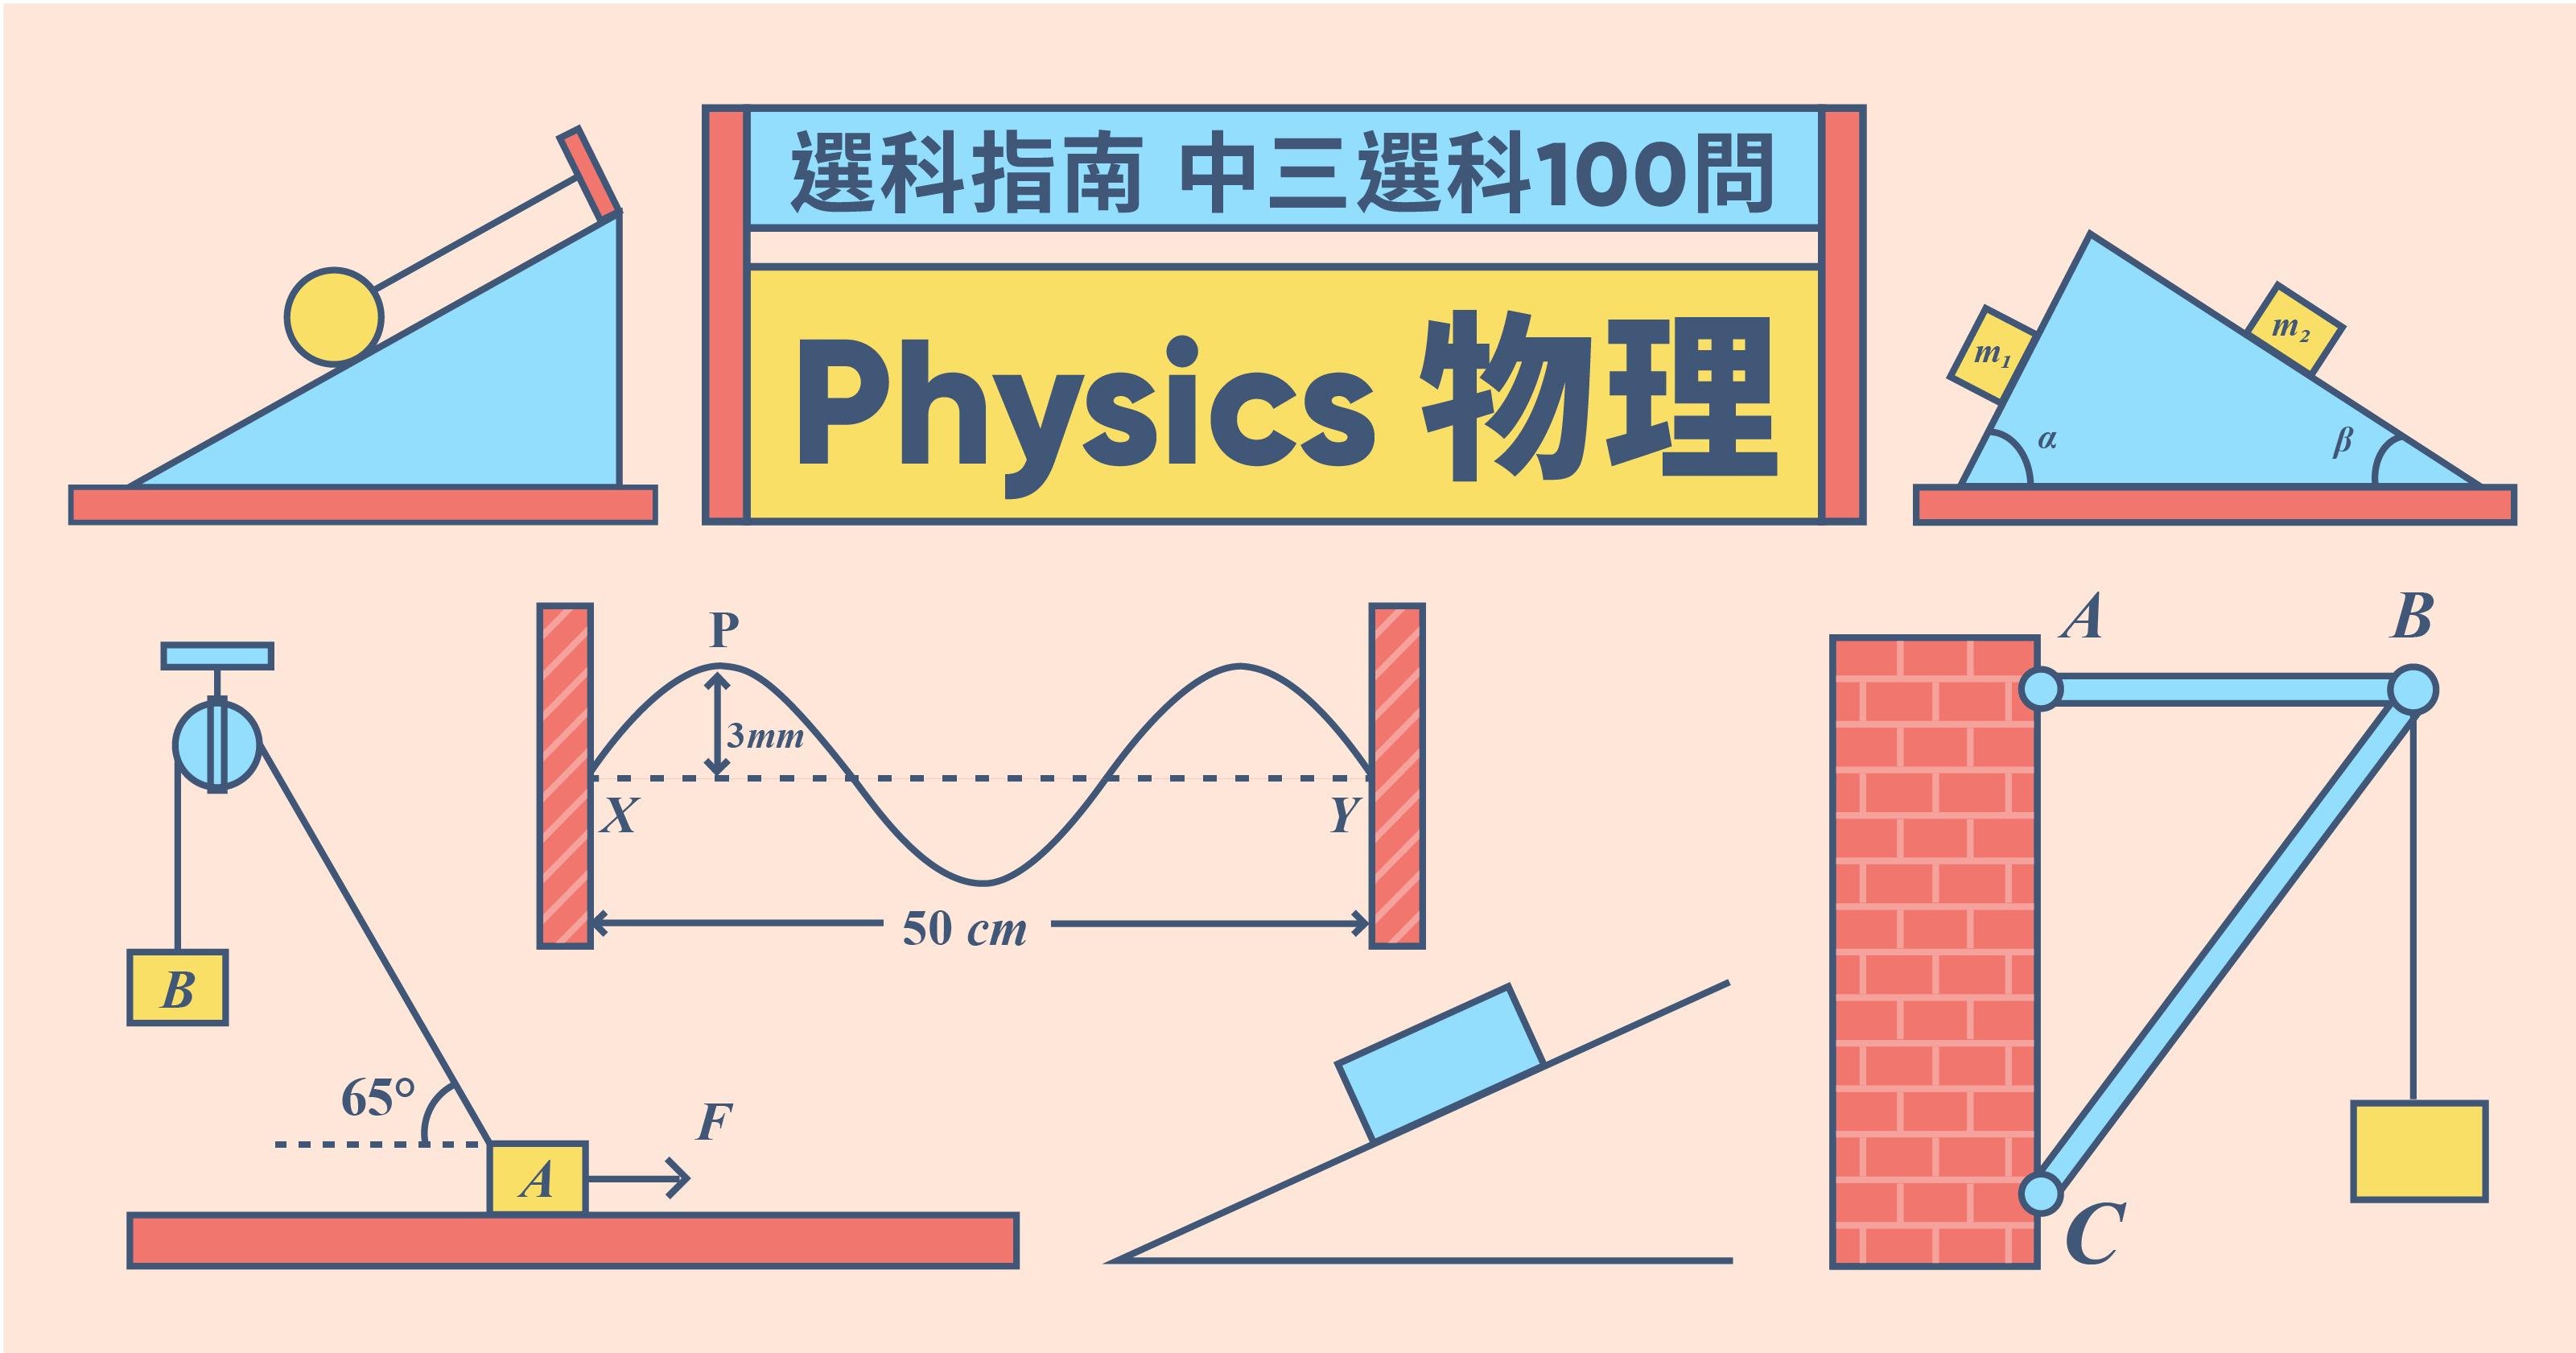 【選科指南】中三選科100問 - 物理科